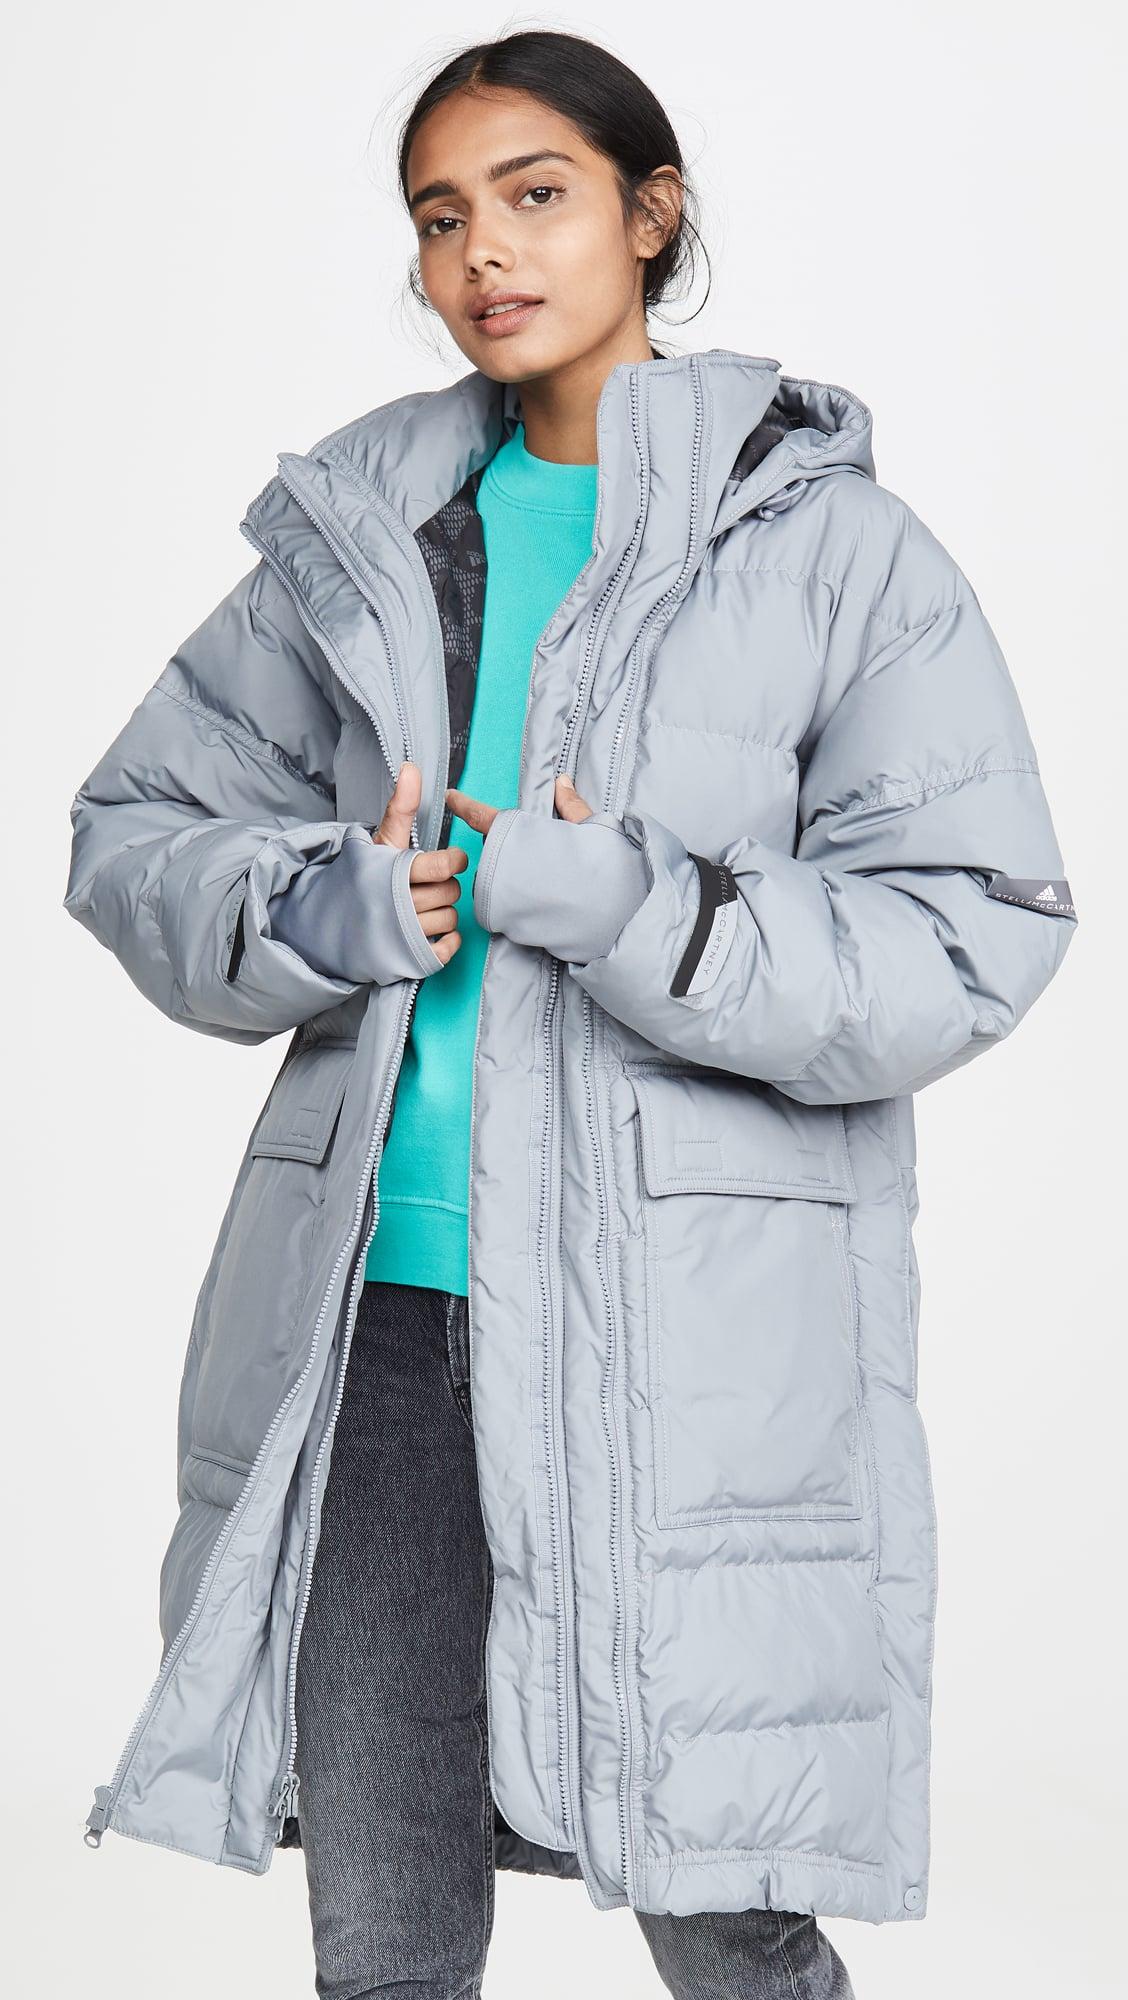 MISS MOLY Womens Quiled Jackets Puffer Lightweight Long Sleeve Zip Up Winter Outwear Coats